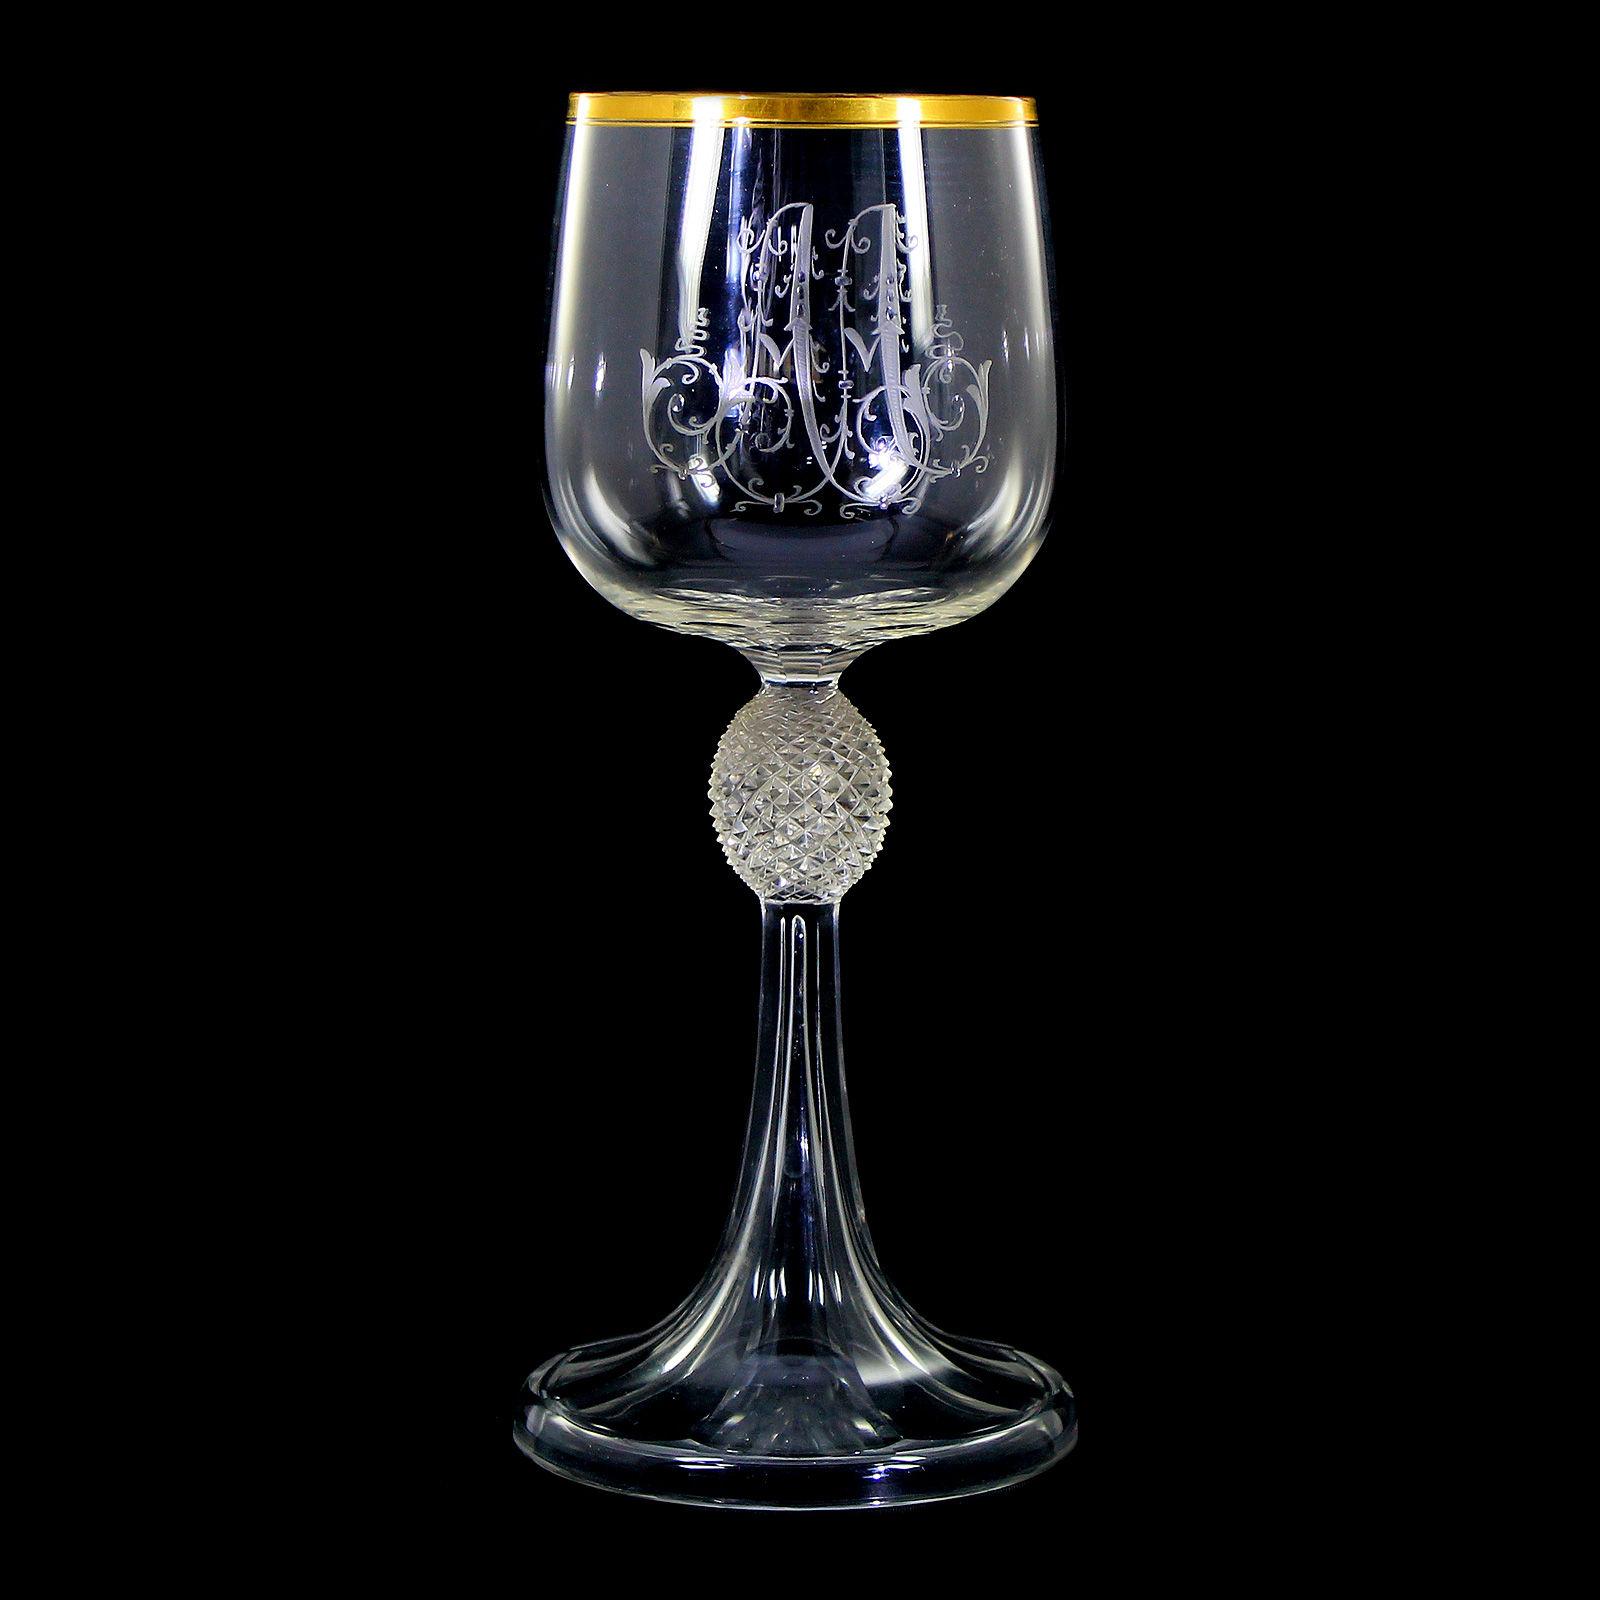 pokale mit gravur antikes glas neuwirth glas aus dem 18 jh 19 jh und 20 jh. Black Bedroom Furniture Sets. Home Design Ideas